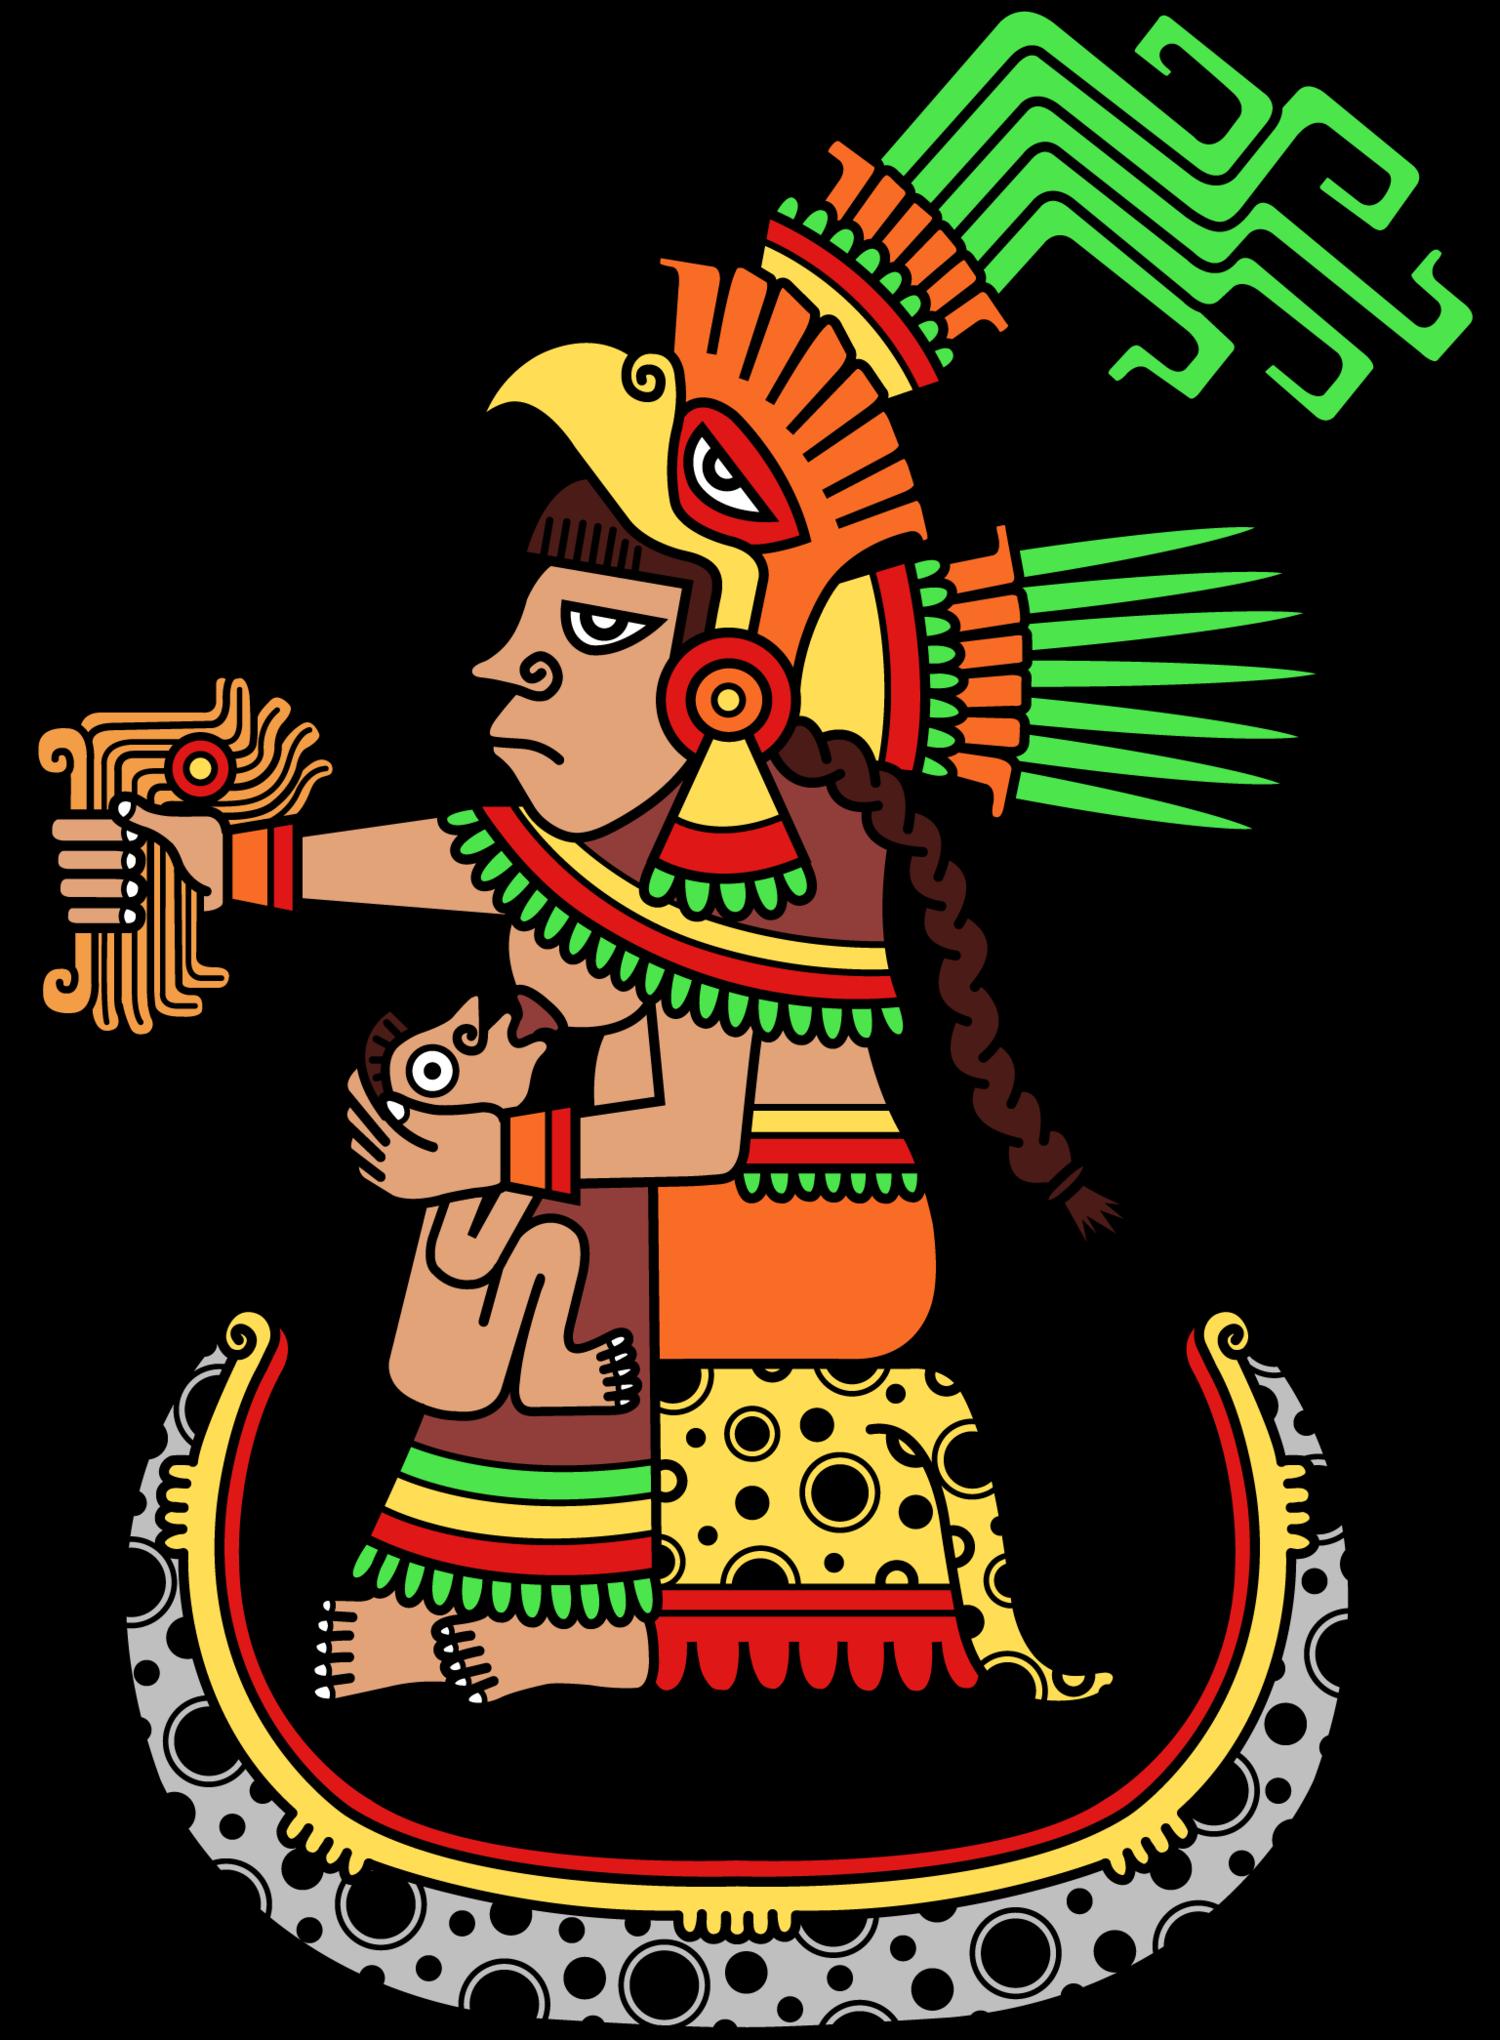 Mtm medicina tradicional mexicana. Mexico clipart clothing mexican